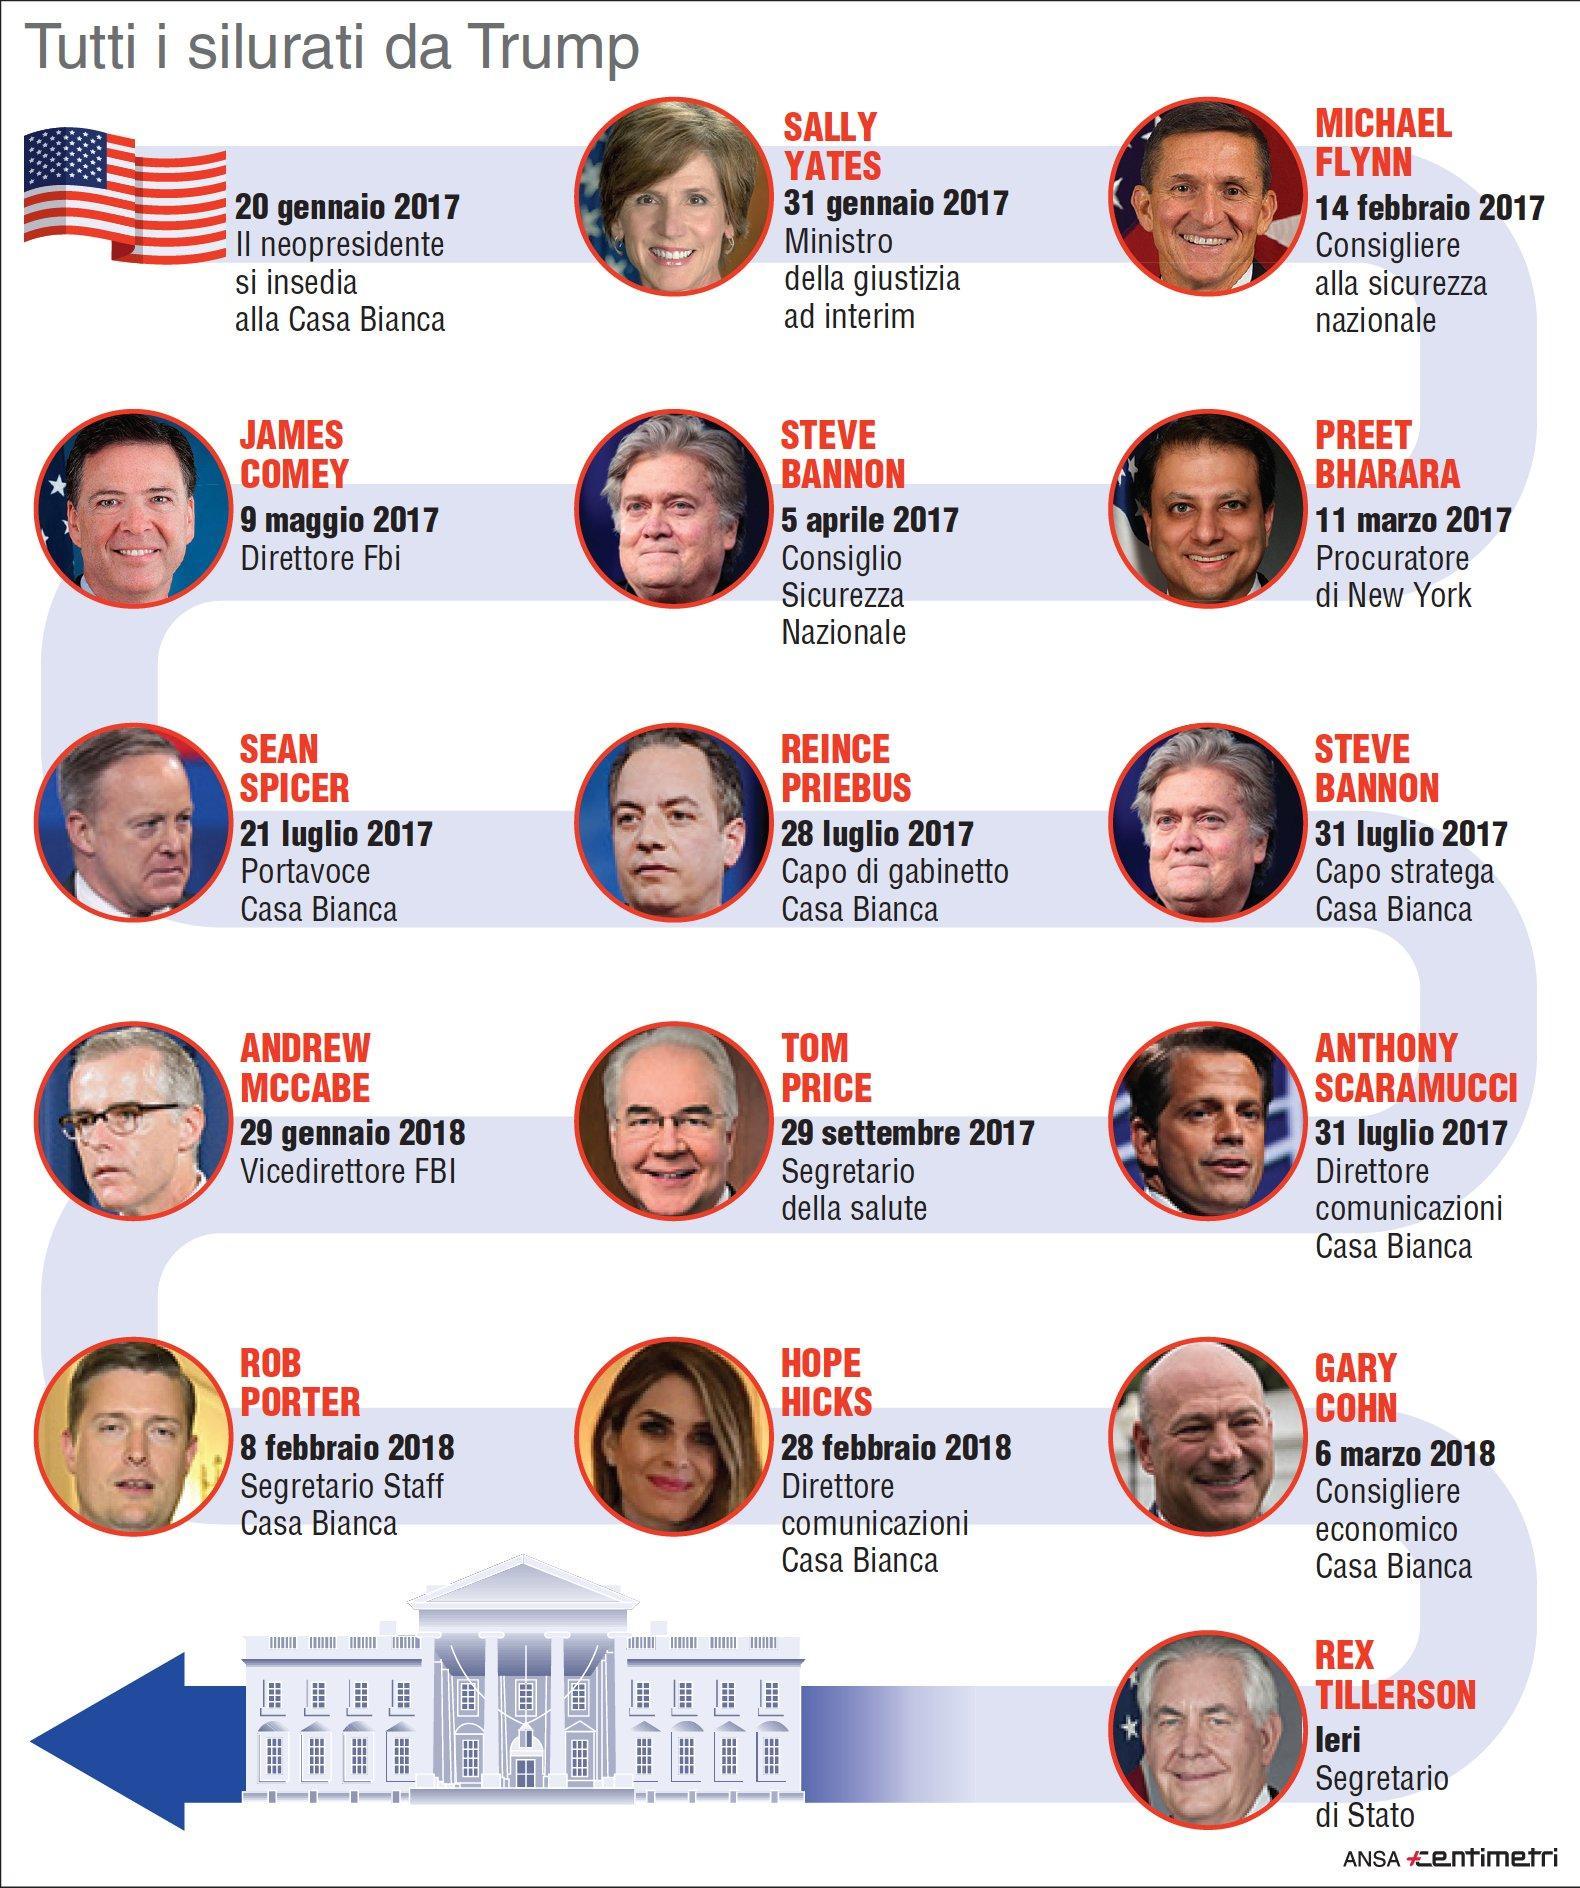 Tutti i membri dello staff licenziati da Trump